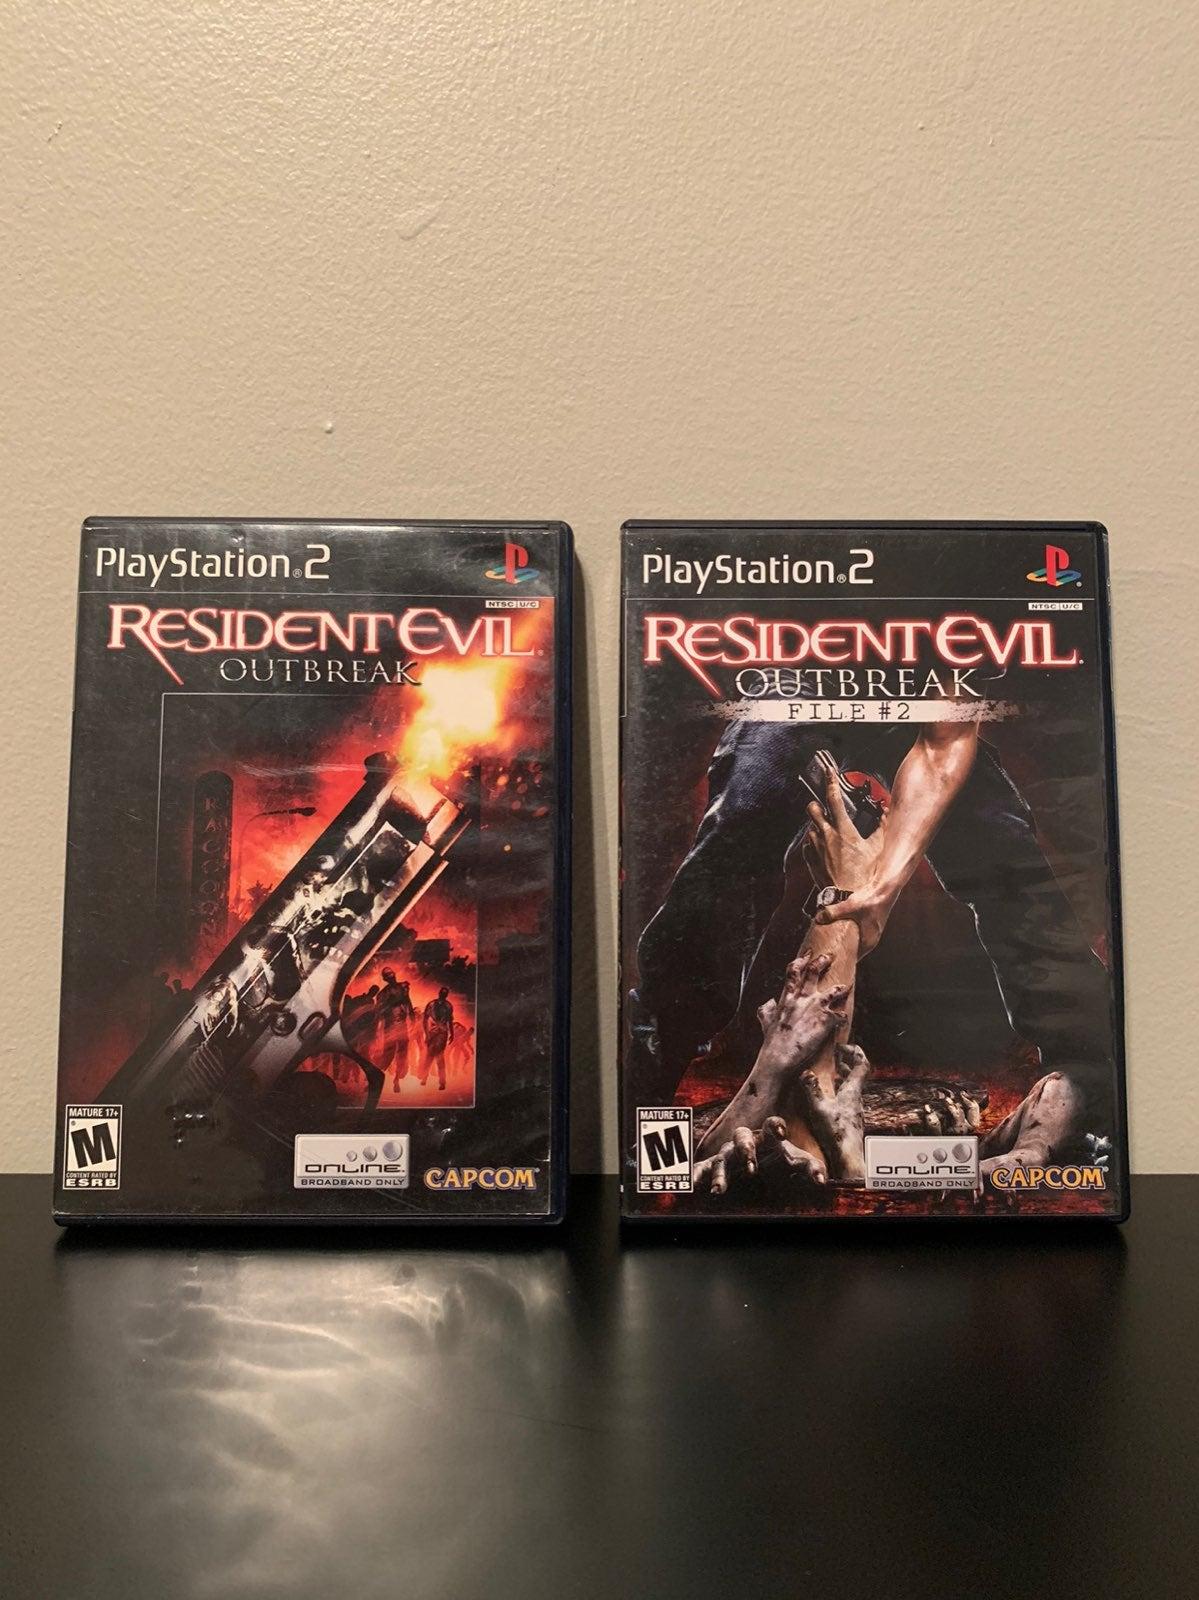 Resident Evil Outbreak & FIle #2 PS2